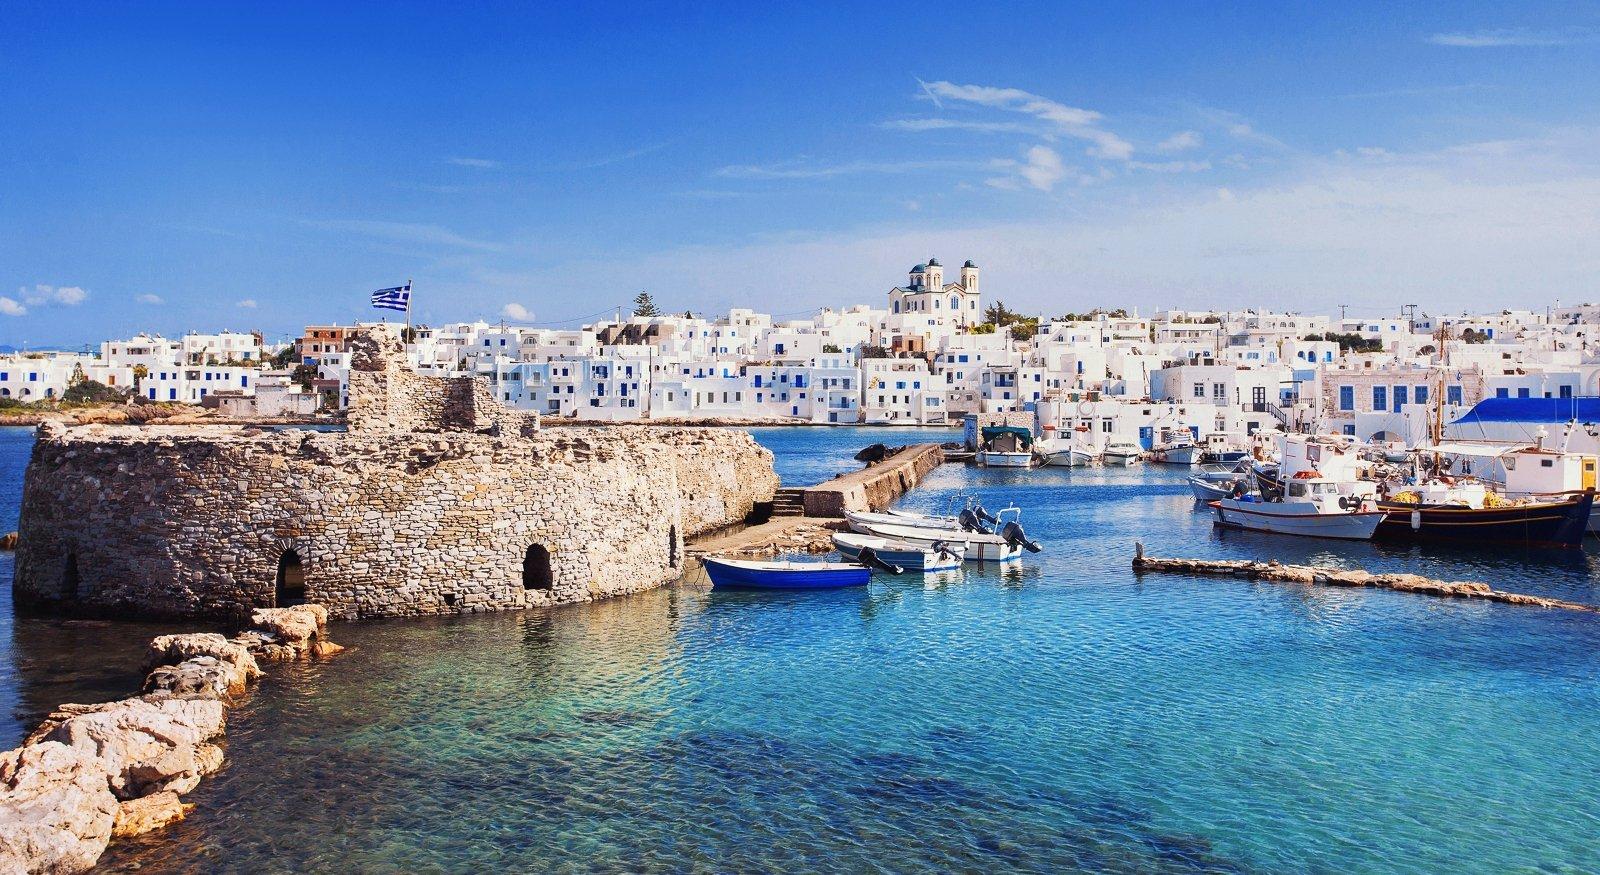 L'île de Paros en Grèce